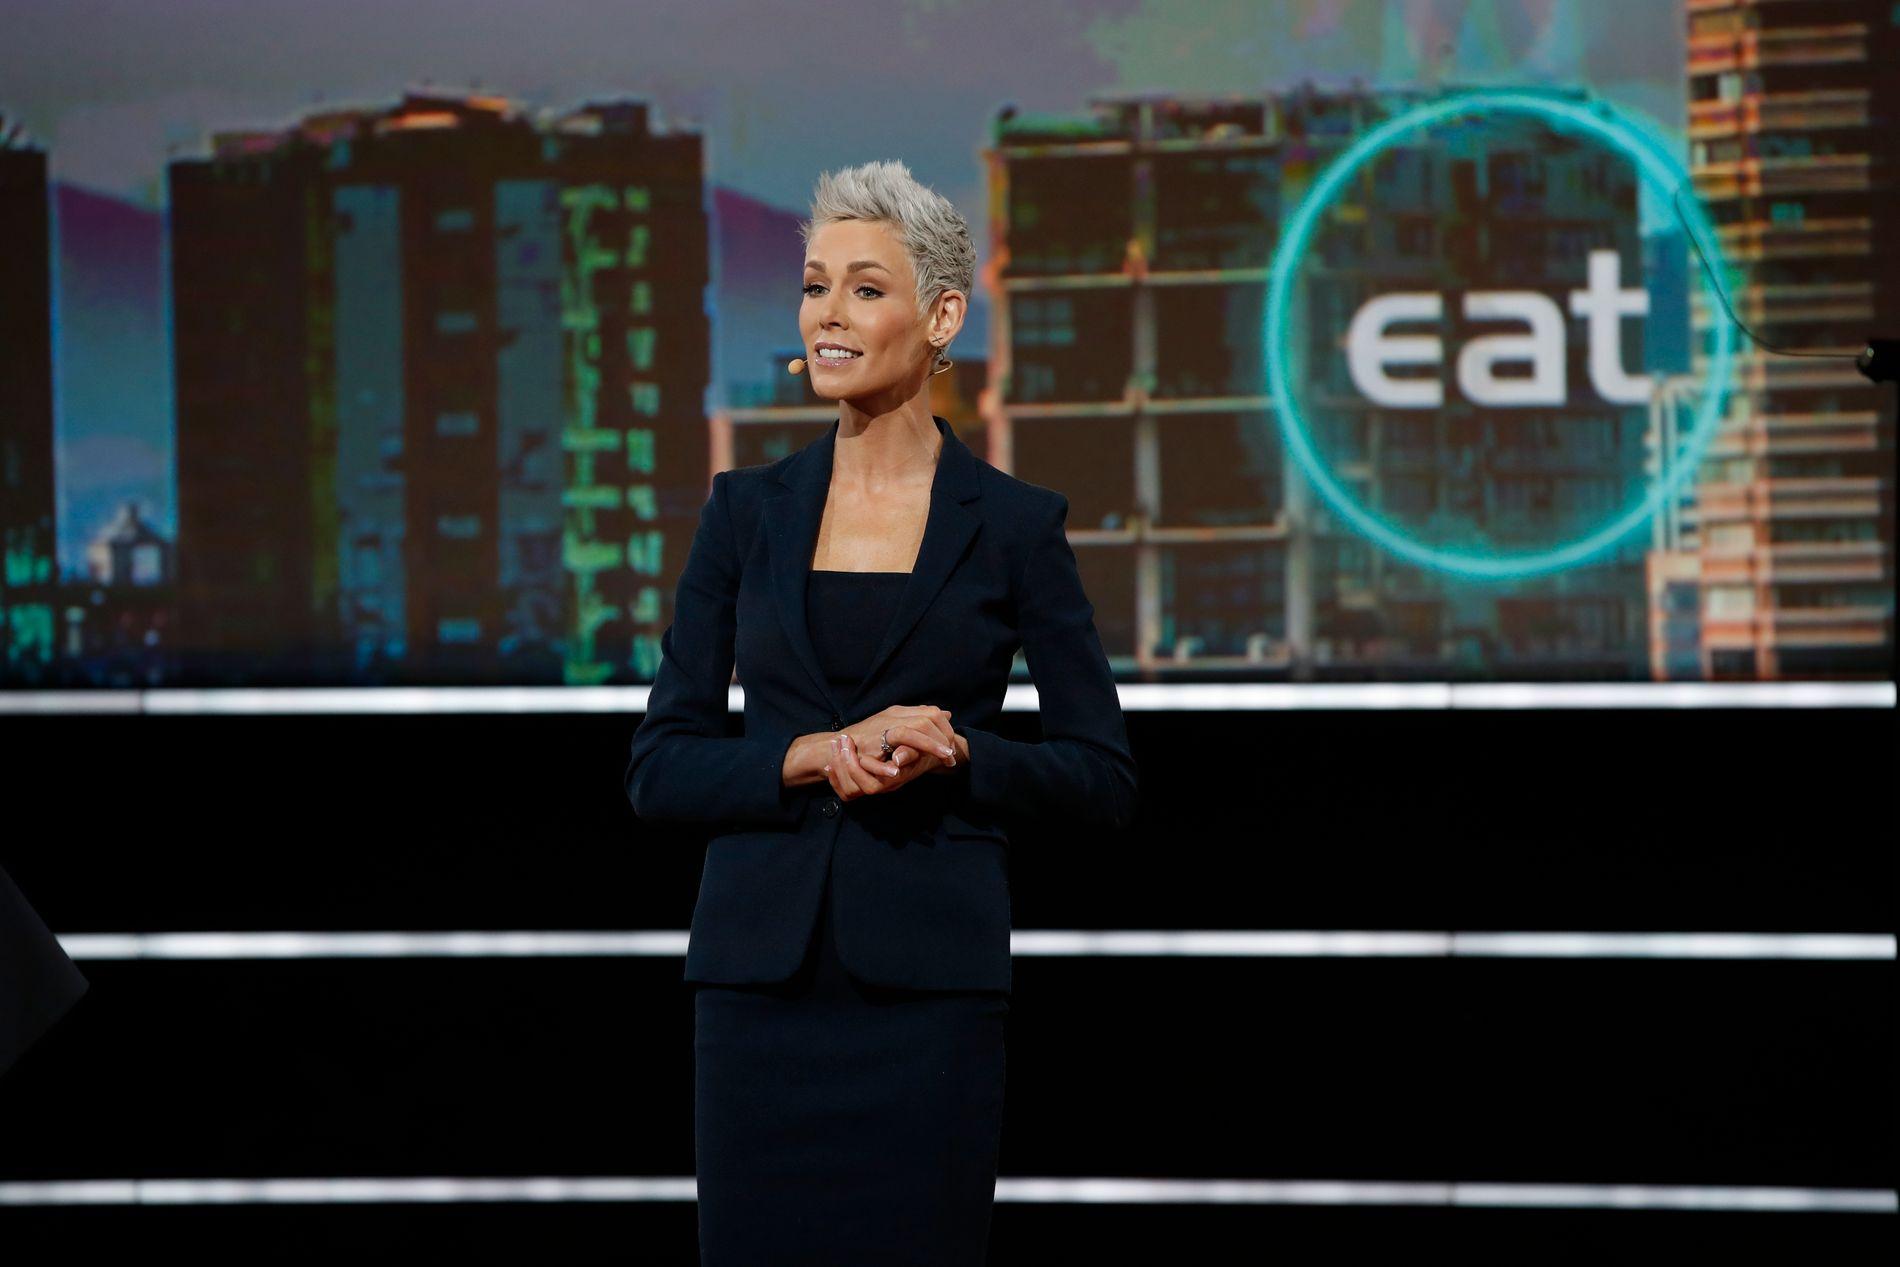 LIVSKRAFT: Gunhild Stordalen på EAT Stockholm Food Forum i 2017. Hun har jobbet under hele behandlingsperioden - og hun forteller i boken at arbeidet ga henne livskraft.